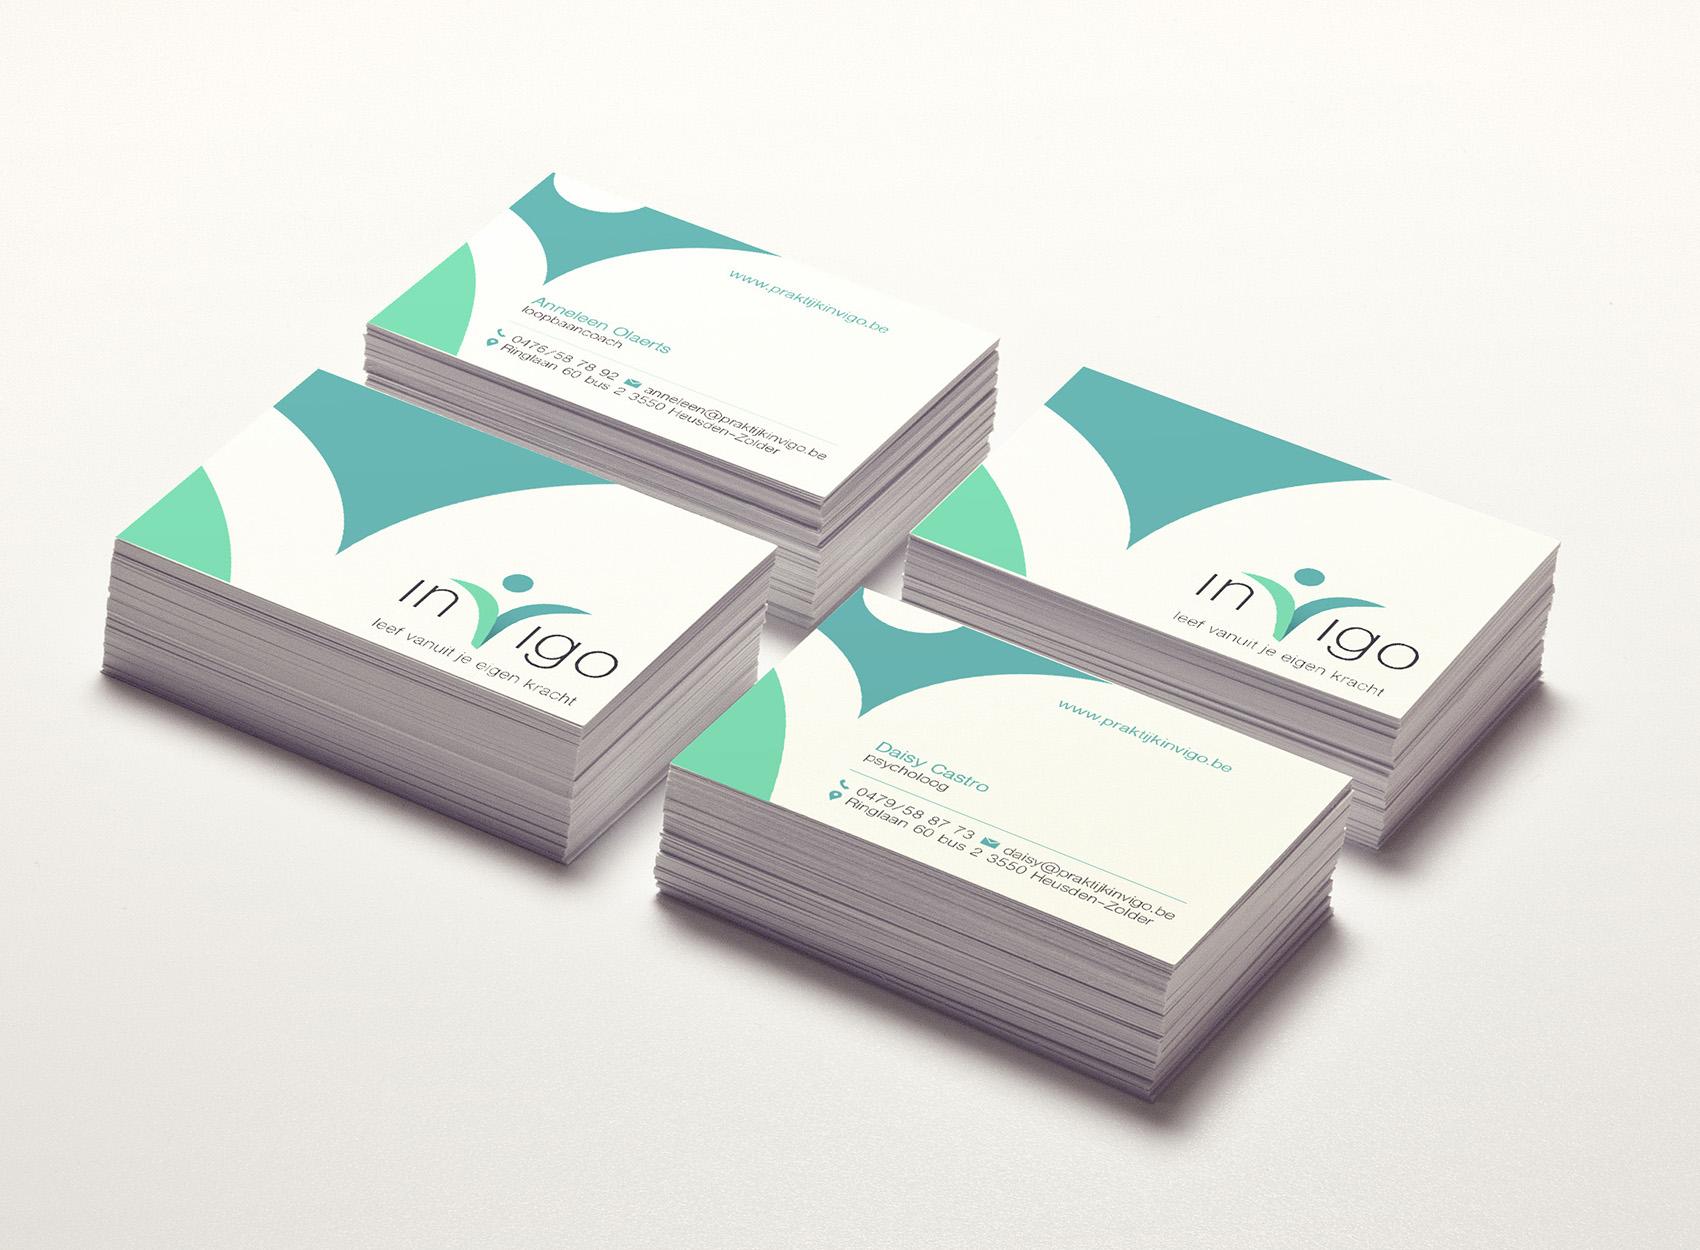 ontwerp visitekaarten indigo